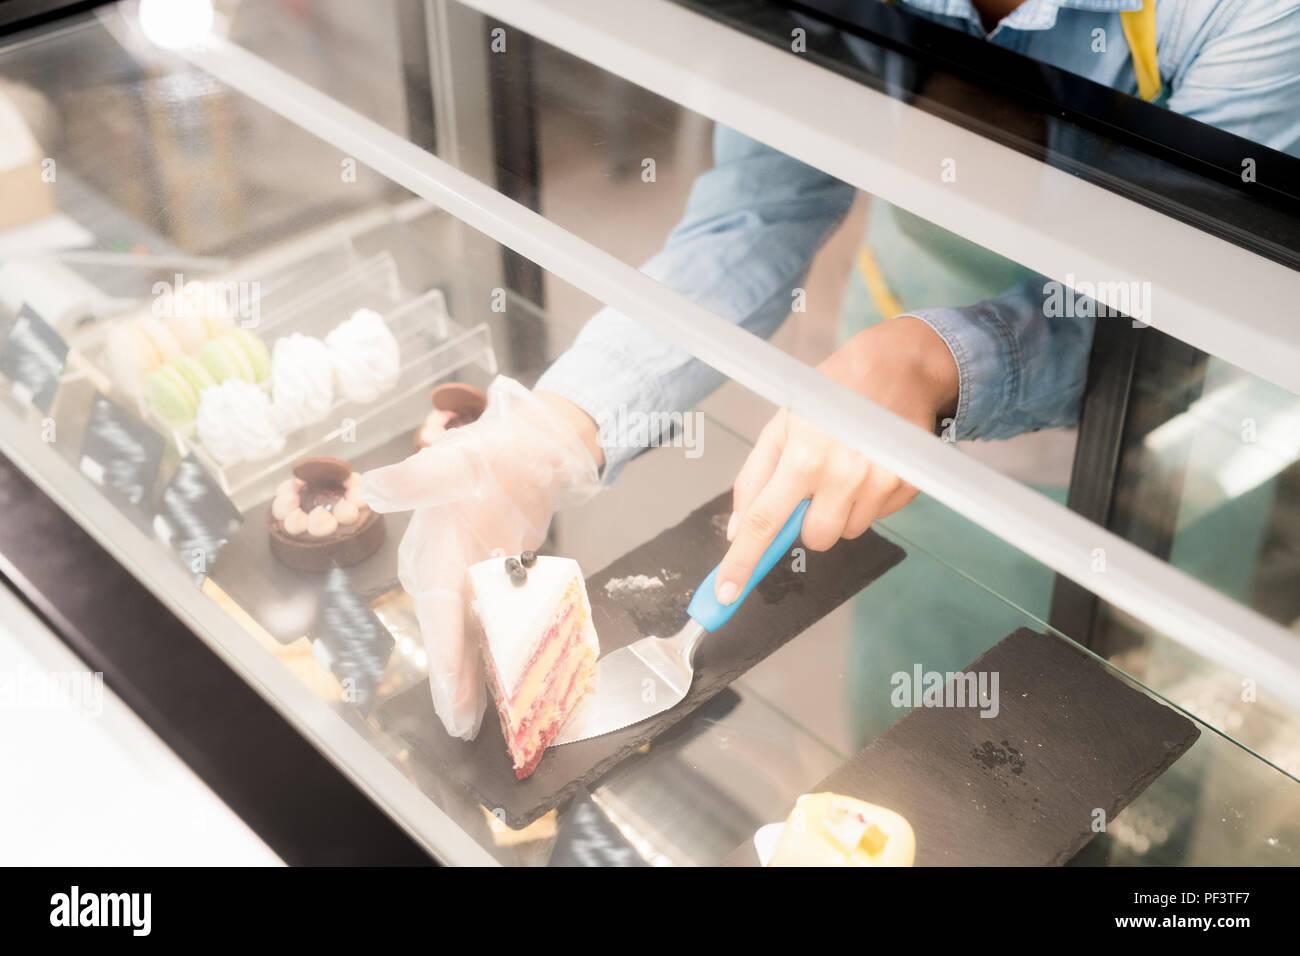 Artisan Cake Shop - Stock Image